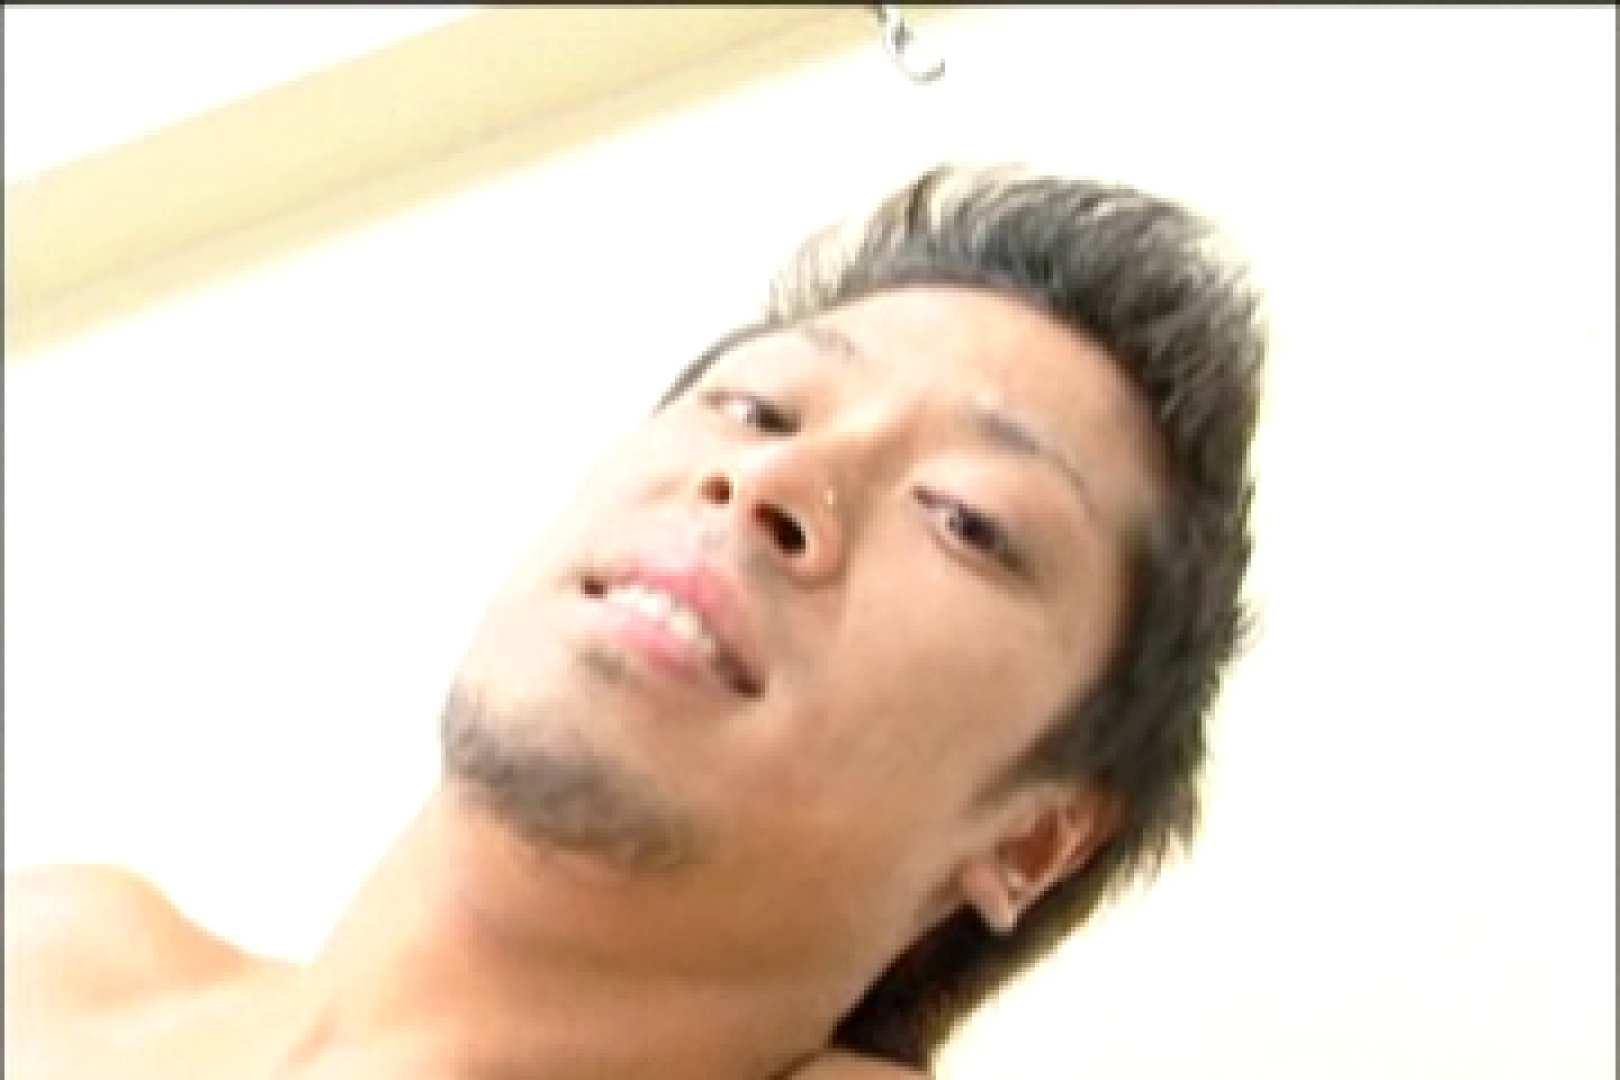 イケメン☆パラダイス〜男ざかりの君たちへ〜vol.3 ケツマン ゲイエロビデオ画像 93pic 70